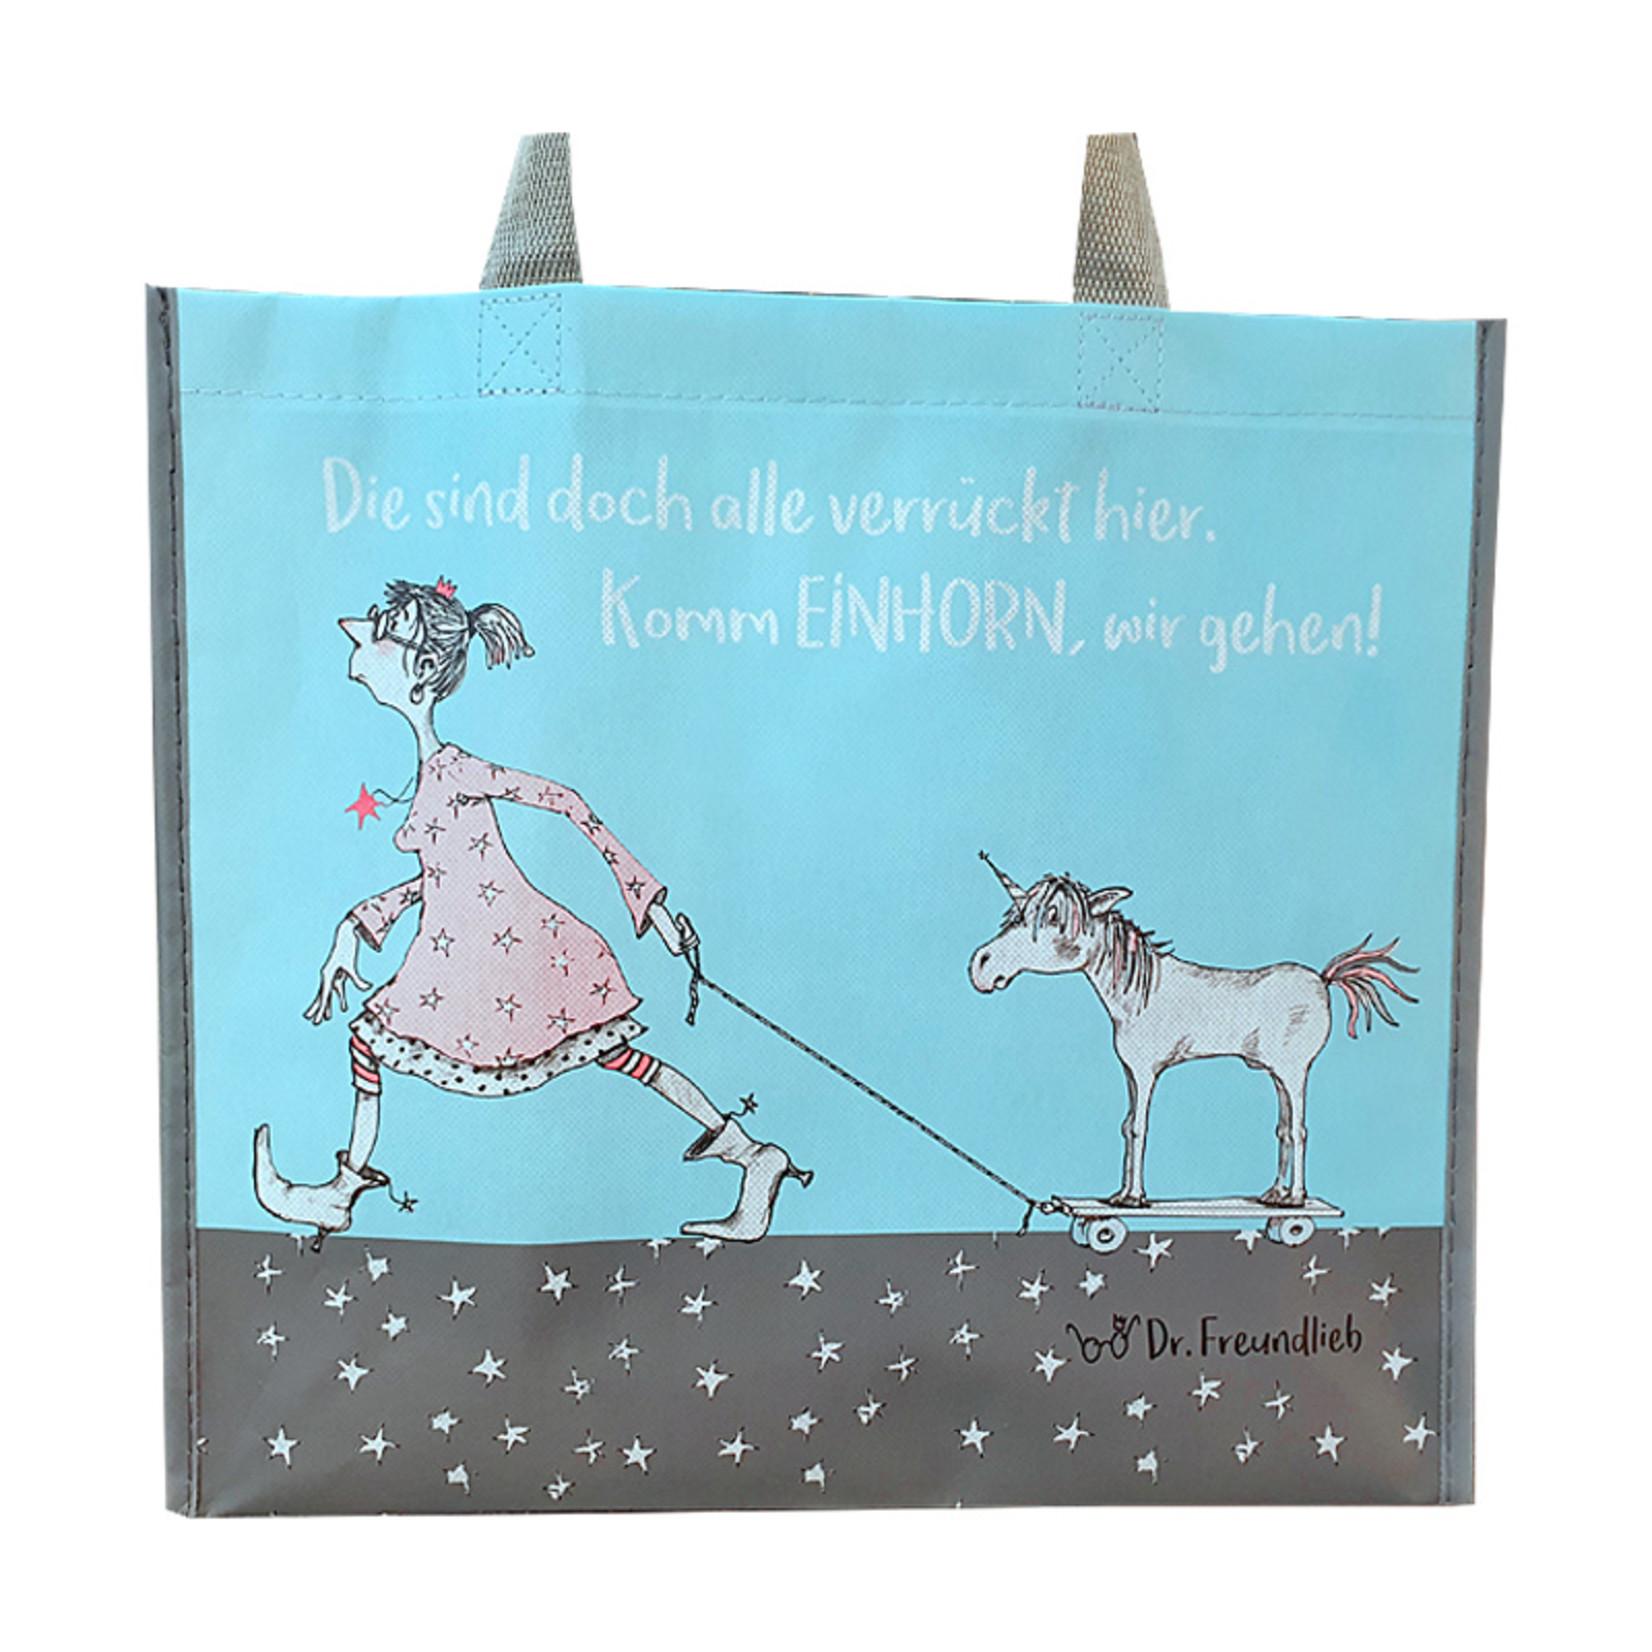 Goebel Porzellanmanufaktur Tasche Einhorn | Barbara Freundlieb | Goebel Accessoires